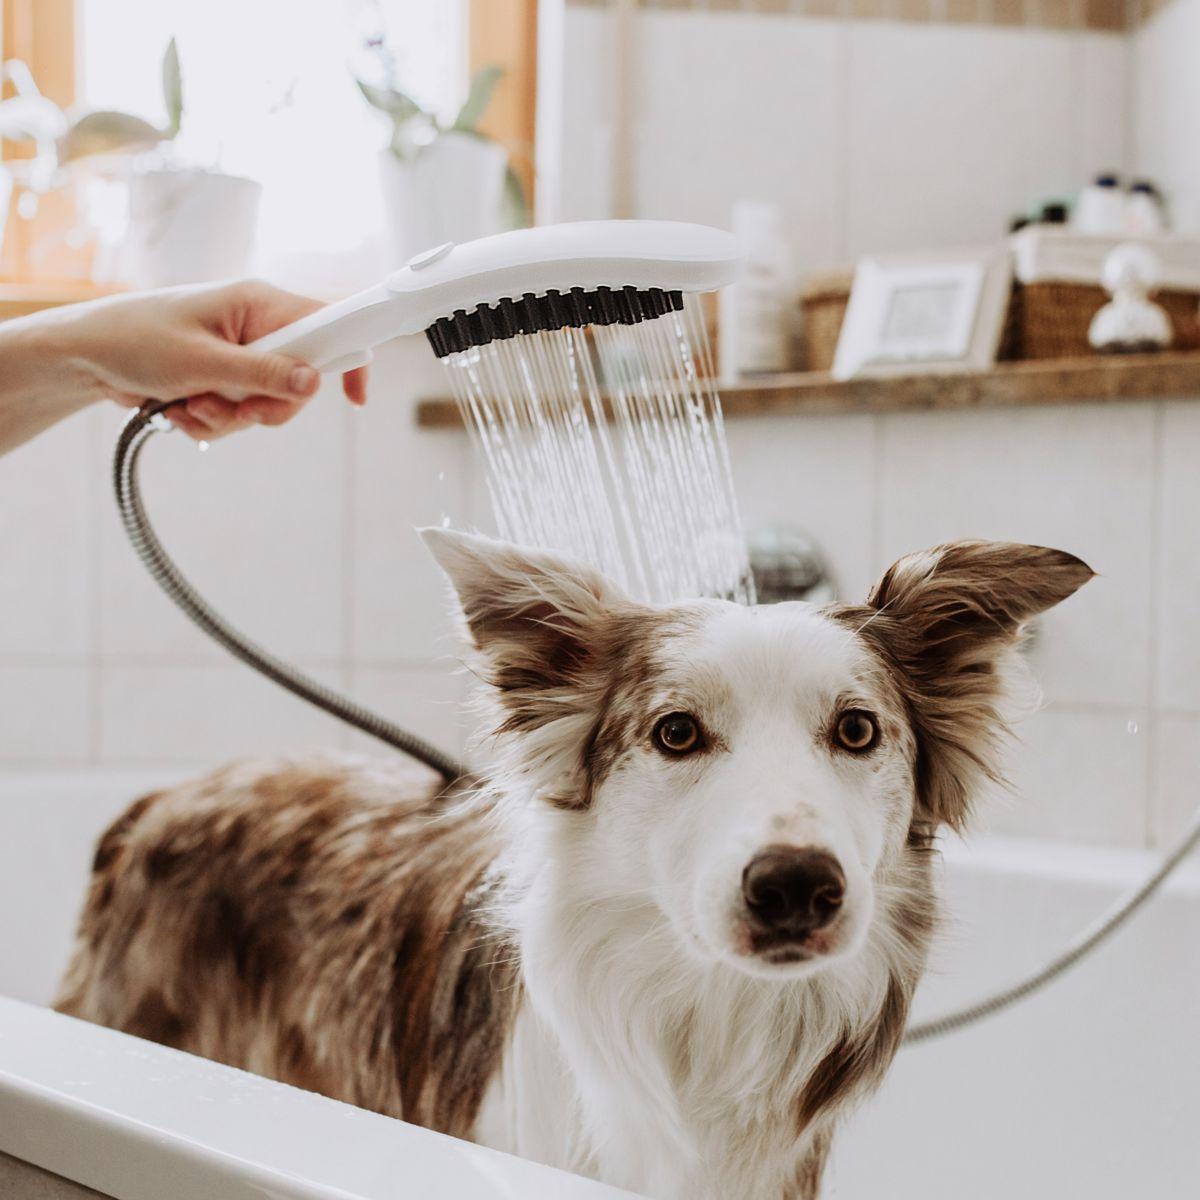 Prysznic dla psa, czyli DogShower od hansgrohe